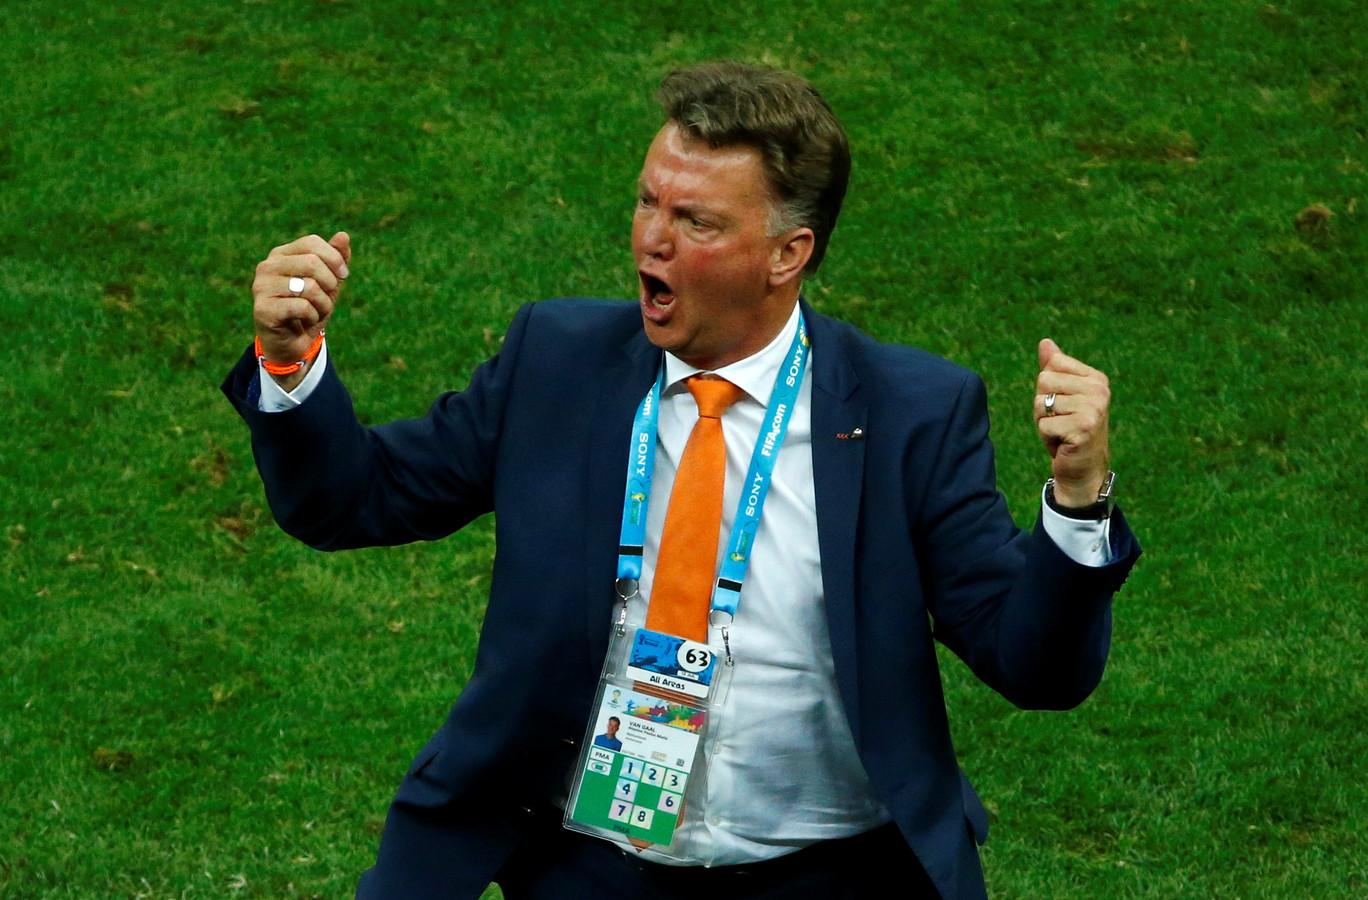 Louis van Gaal tijdens zijn laatste duel als bondscoach: in juli 2014 in en tegen Brazilie bij het (gewonnen) duel om de derde plaats tijdens het WK.